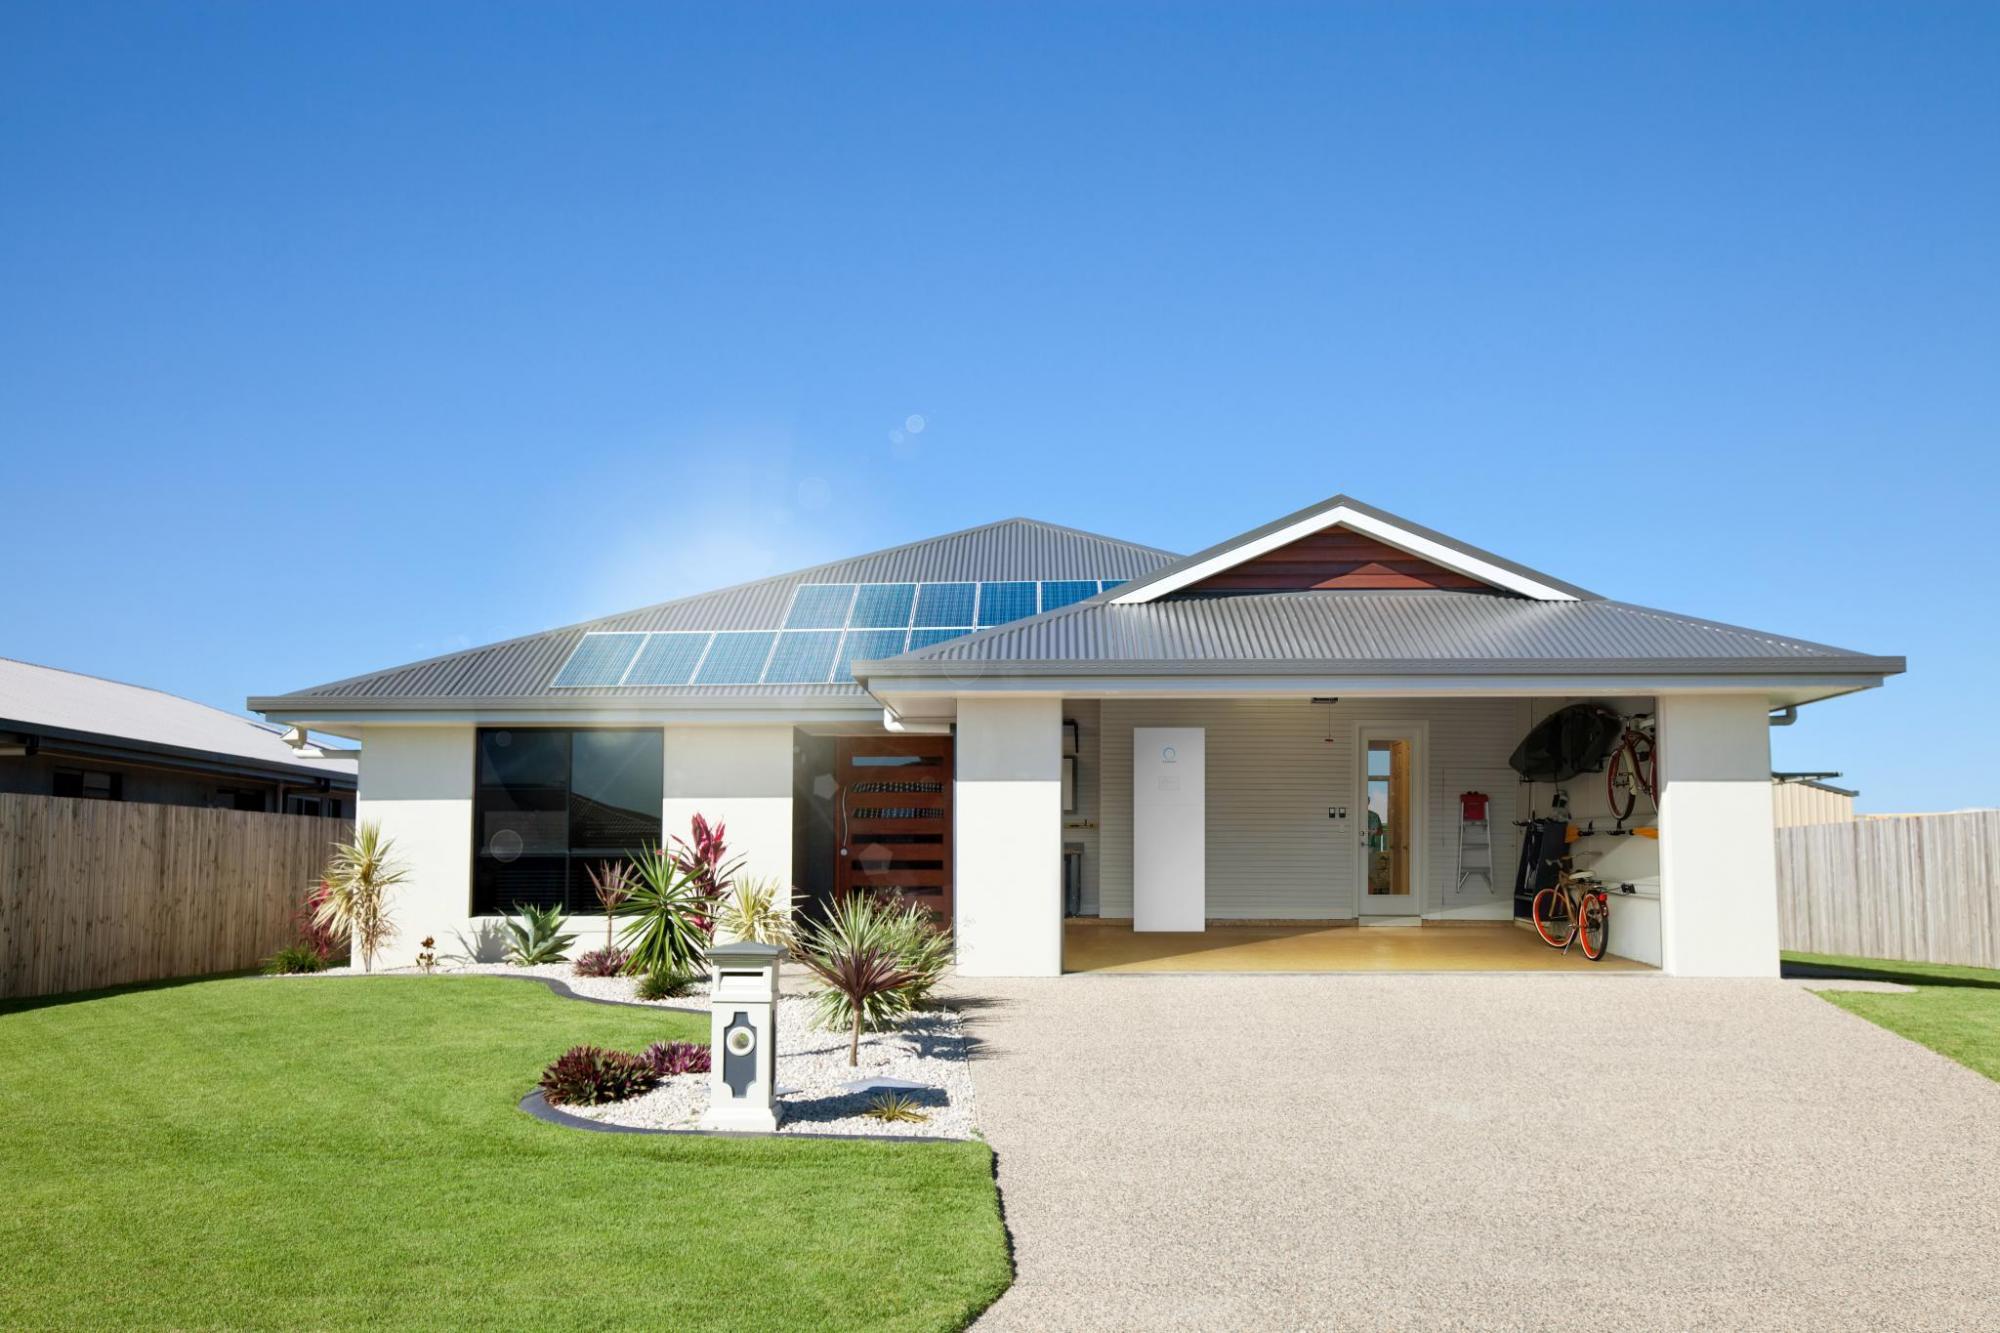 manutenzione-impianto-fotovoltaico